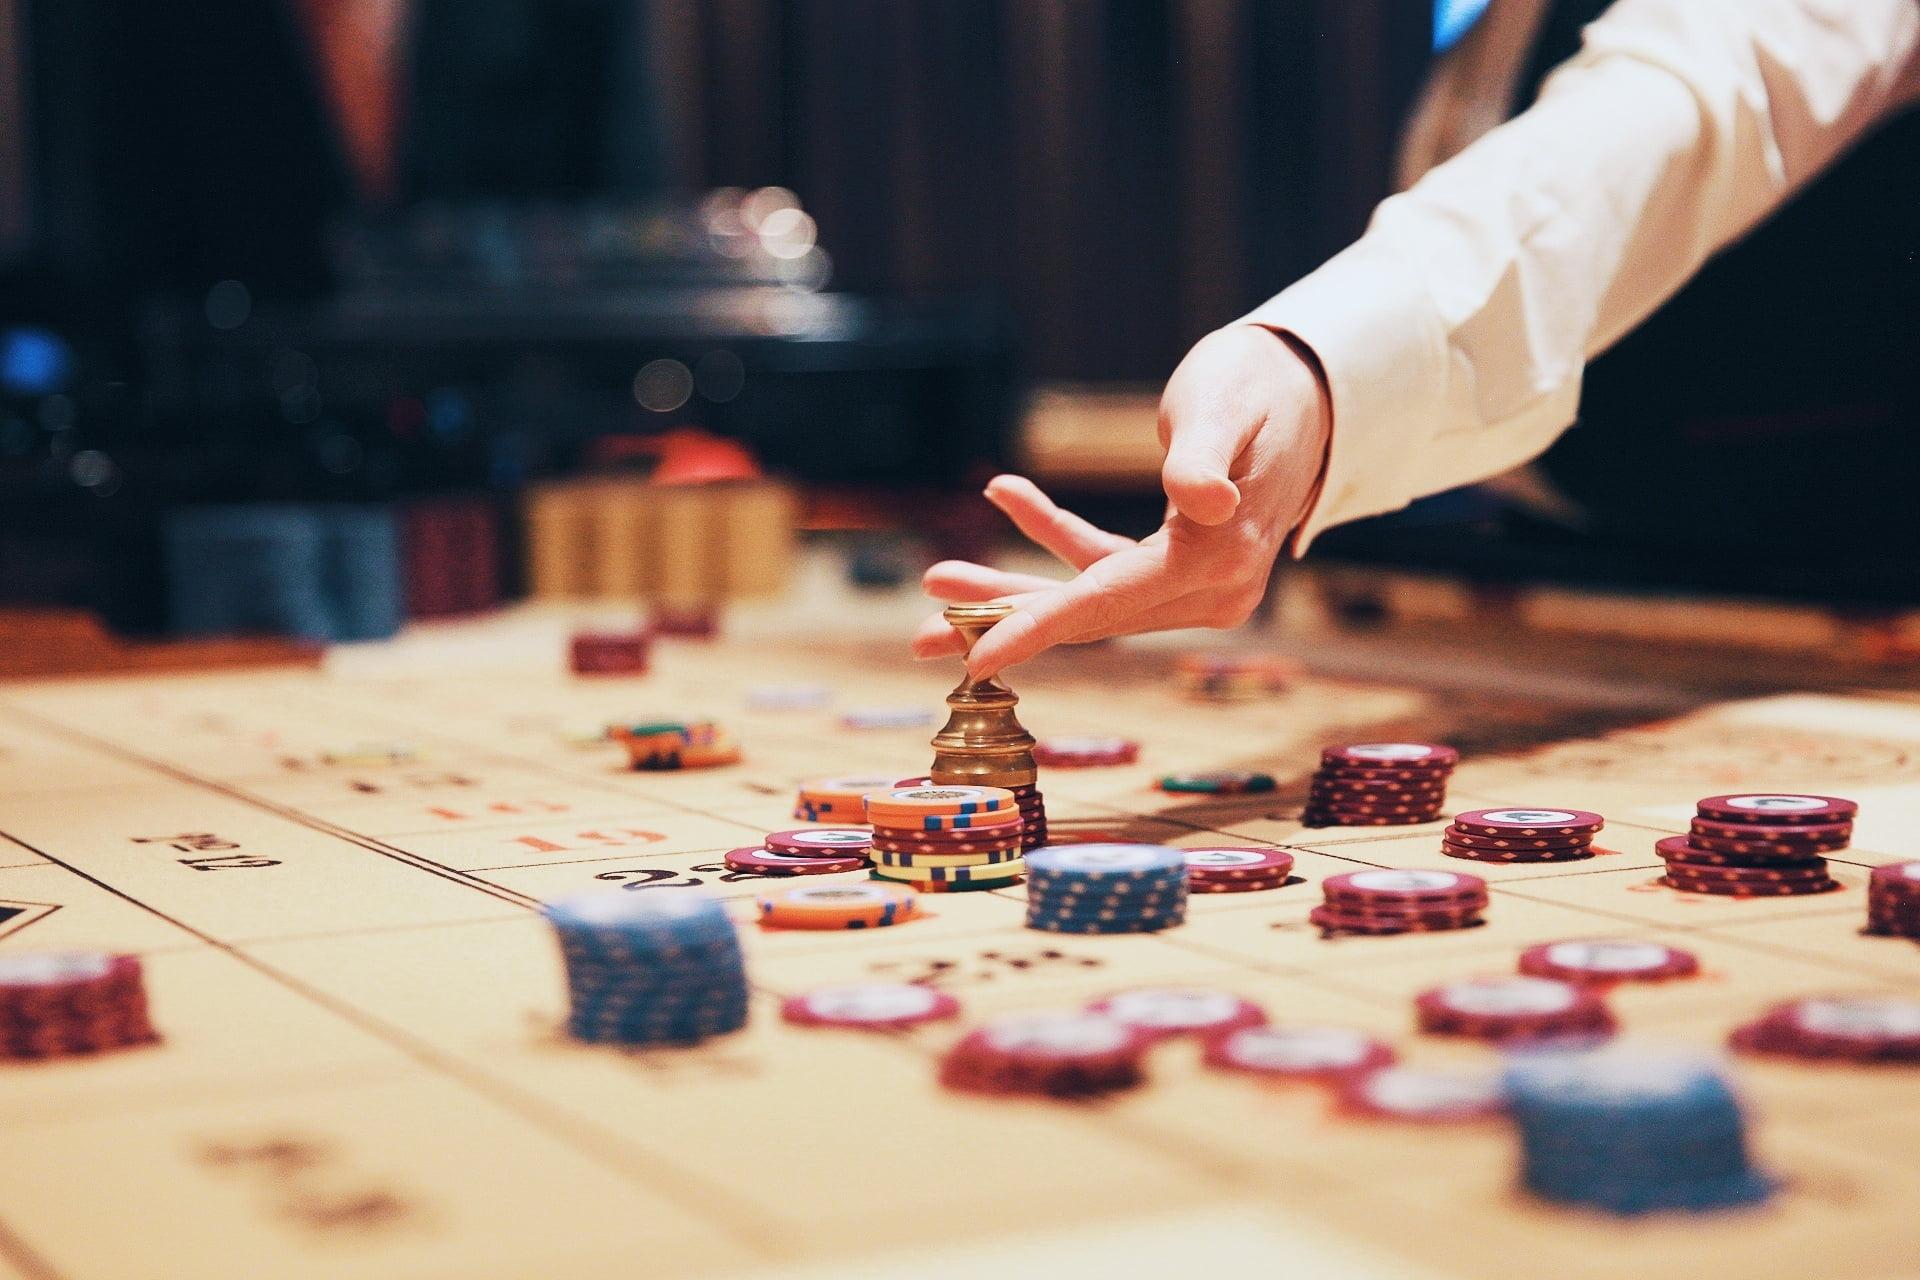 Gambling Casino | St. Moritz, Switzerland